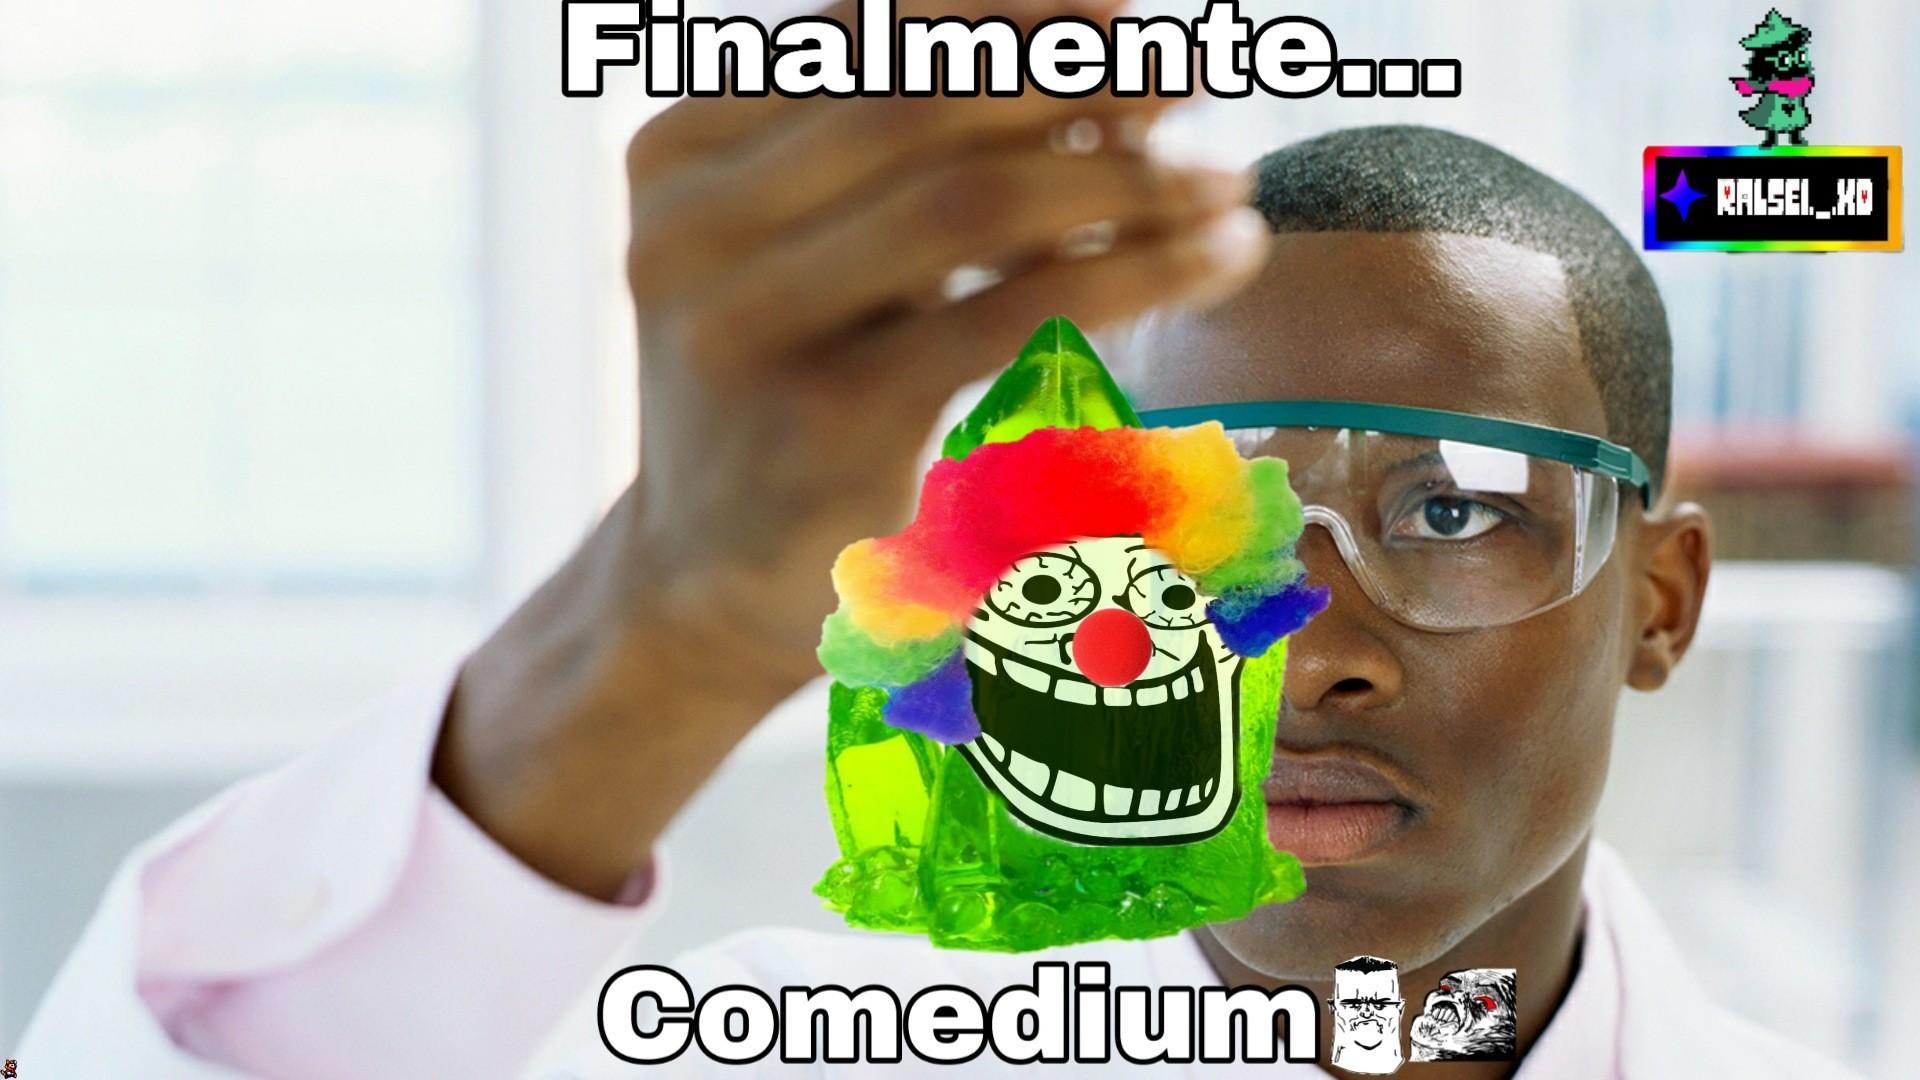 MOMENTO COMEDIA, Veamos quien encuentra a Luigi Rojo XDD - meme